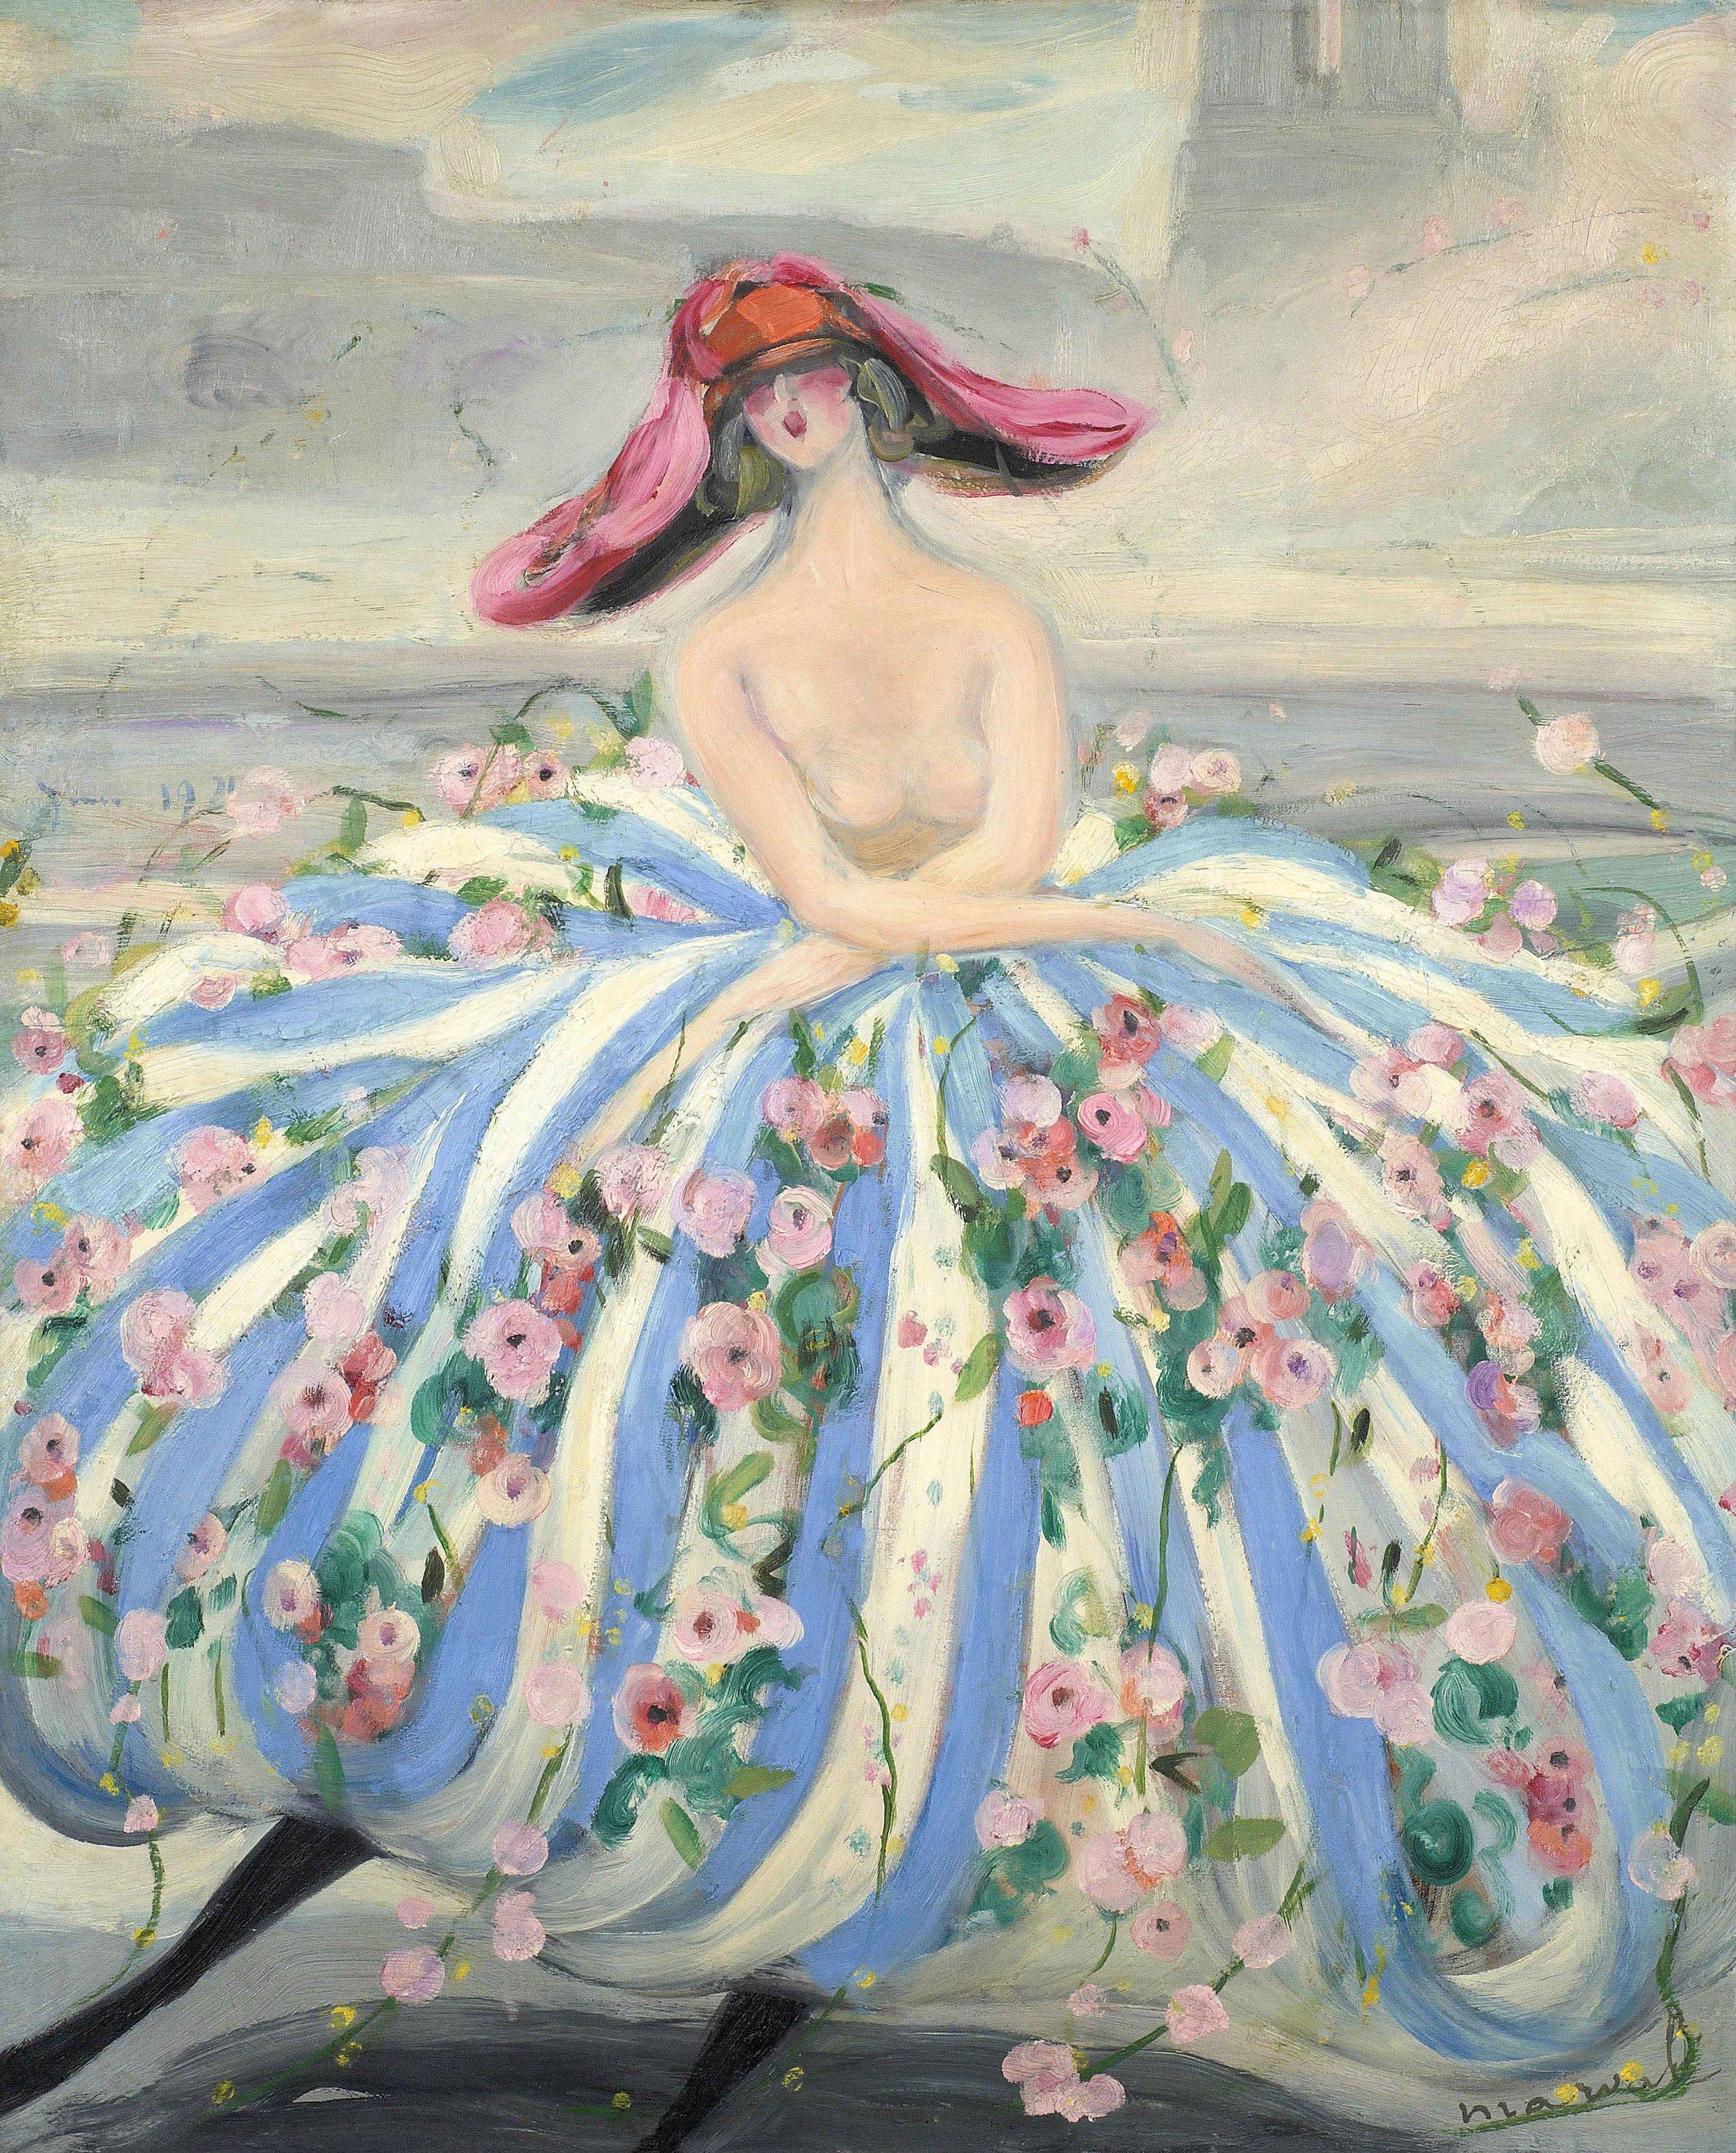 La Danseuse de Notre-Dame, Jacqueline Marval, 1921. Huile sur toile, 100 x 81 cm. Collection privée, Paris.